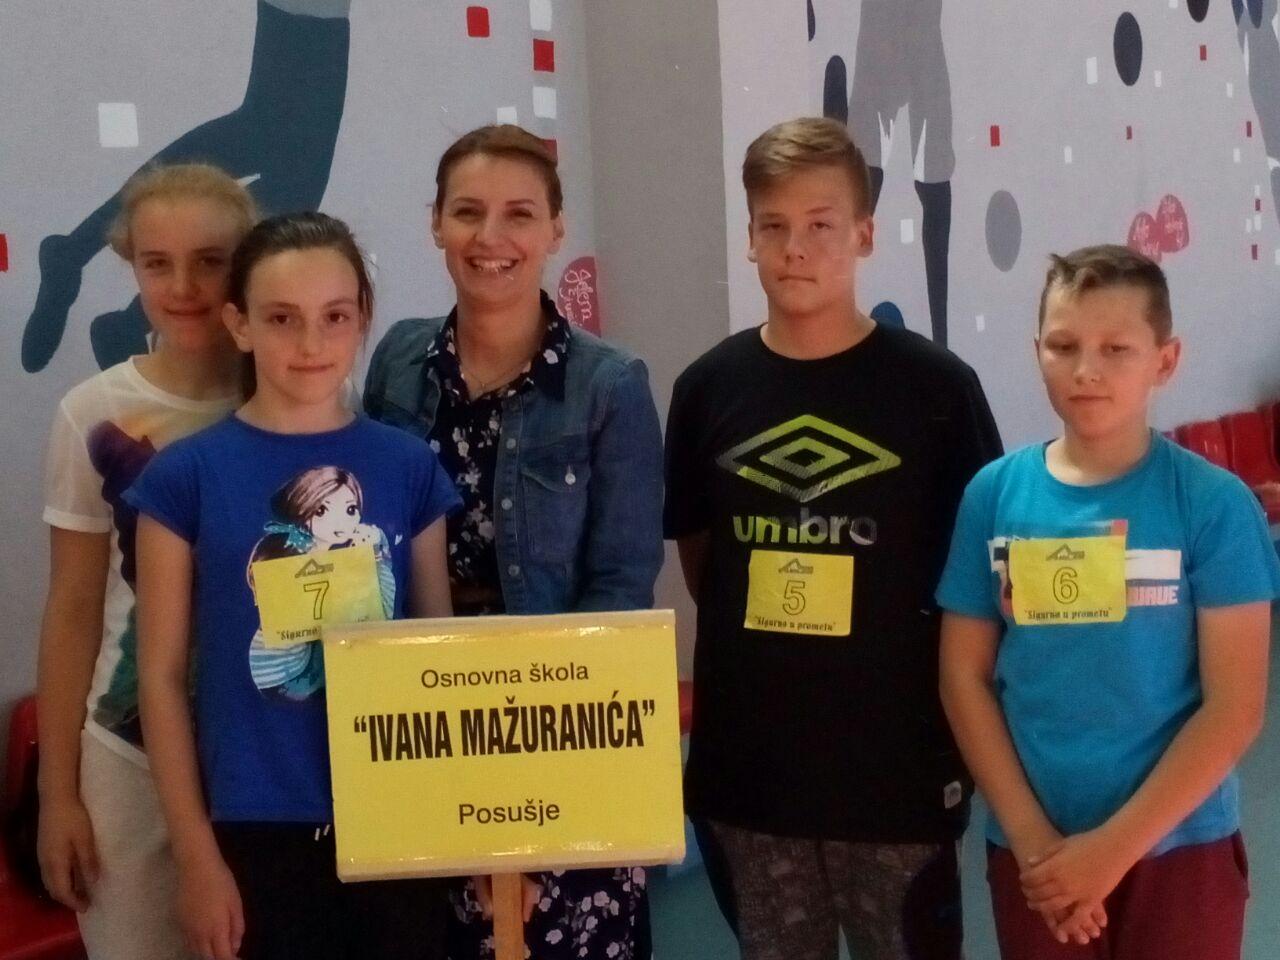 Učenici OŠ Ivana Mažuranića pomeli konkurenciju: Ponovo na vrhu!